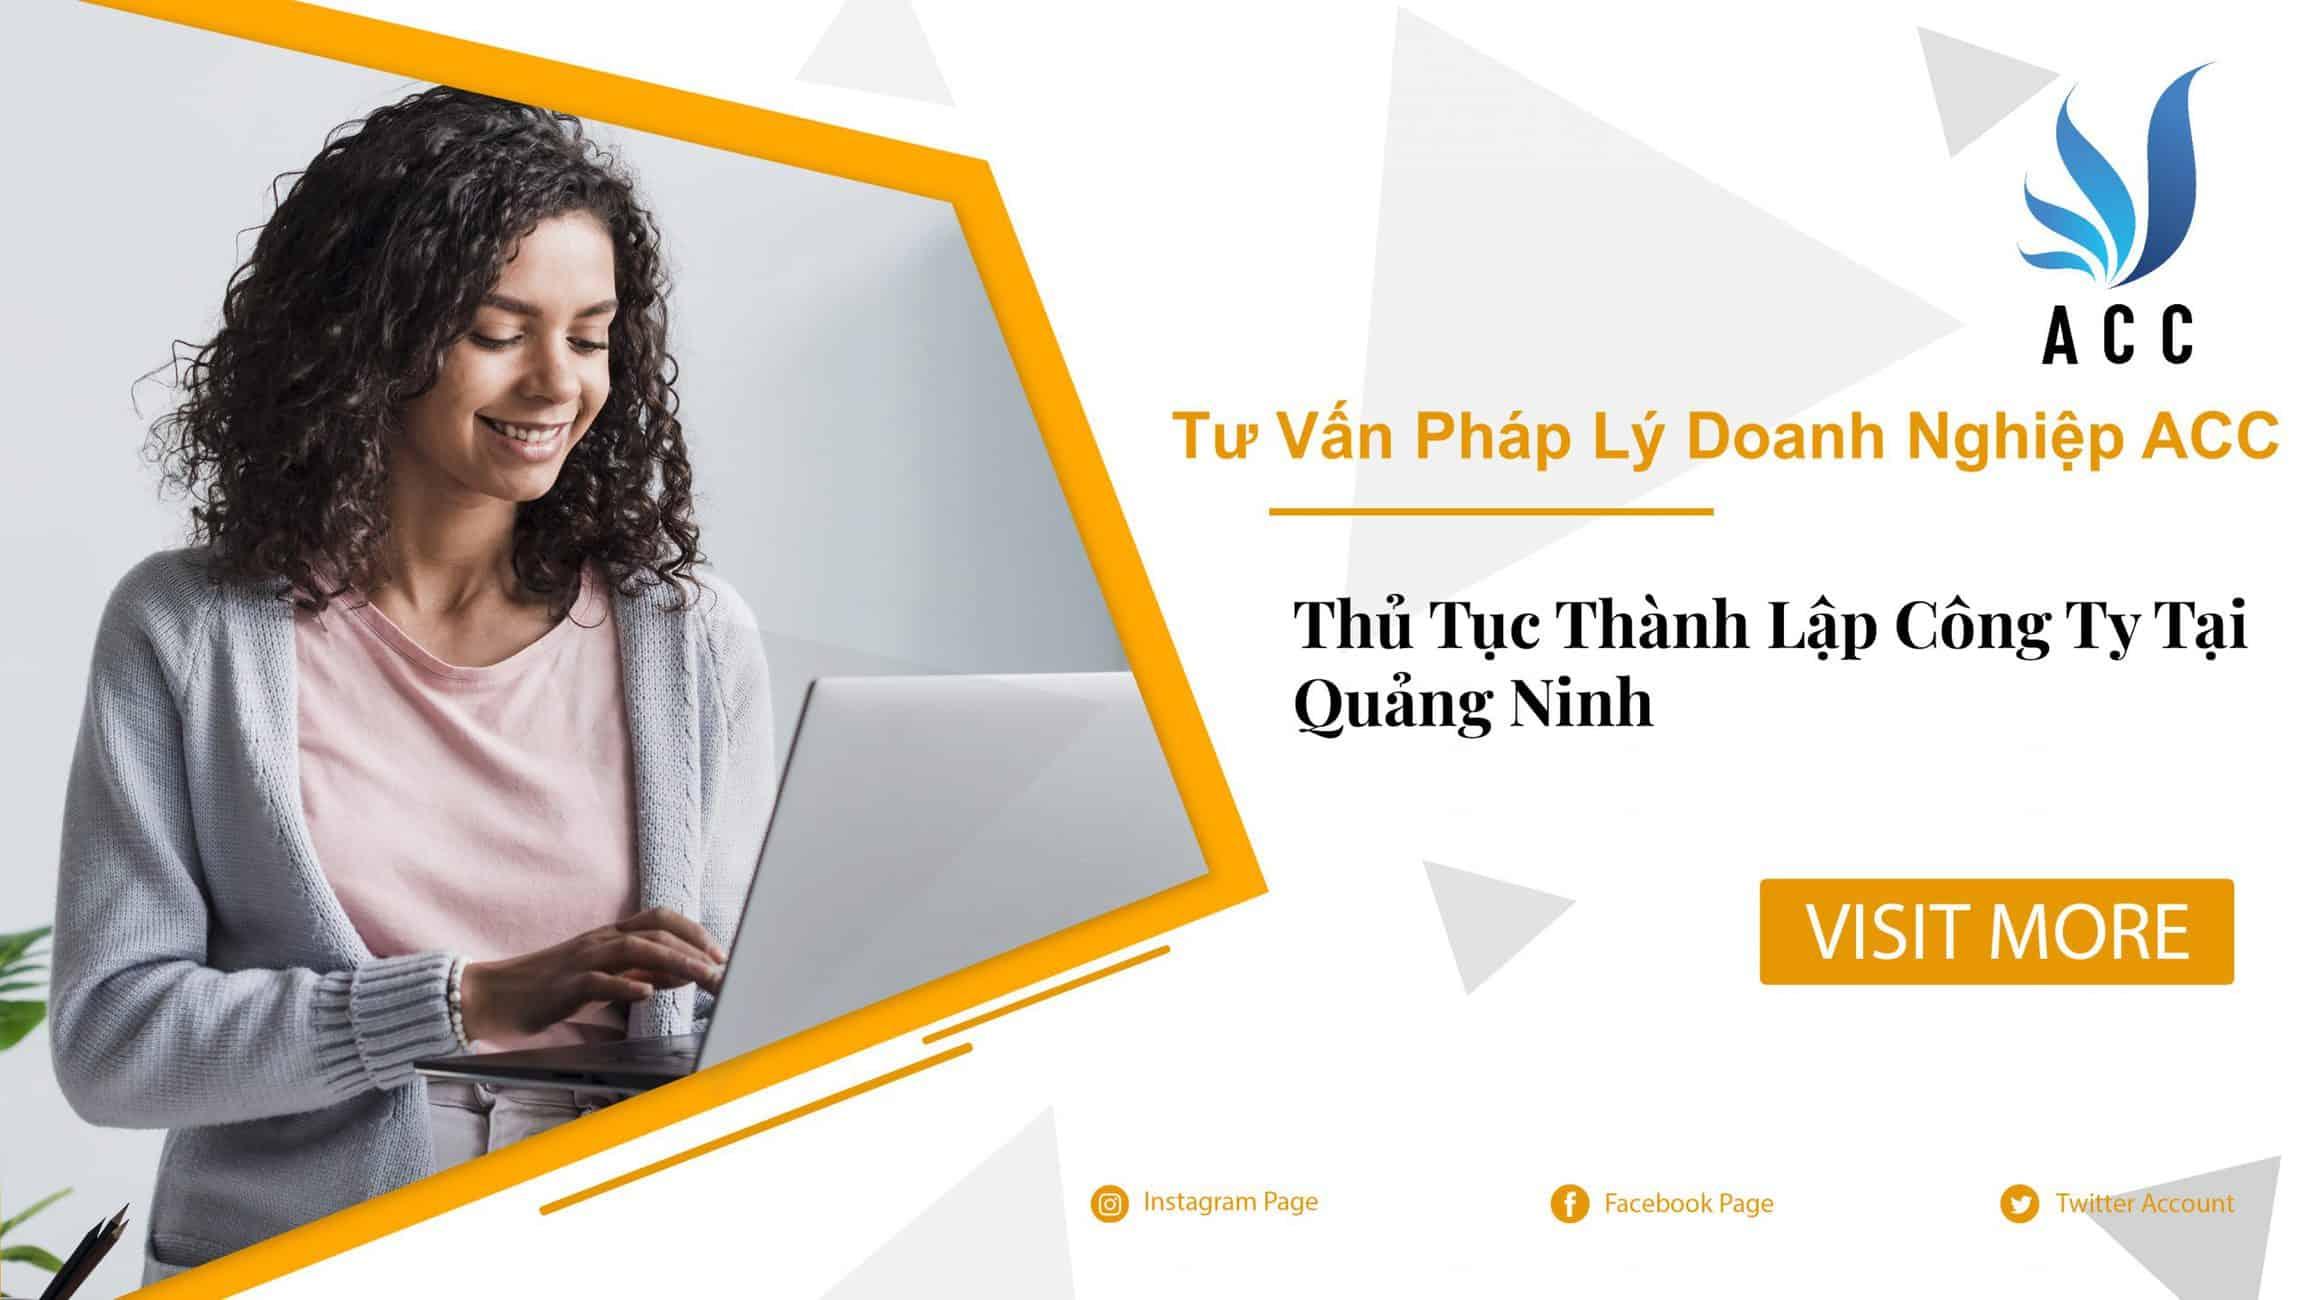 Thủ tục thành lập công ty tại Quảng Ninh (trọn gói)